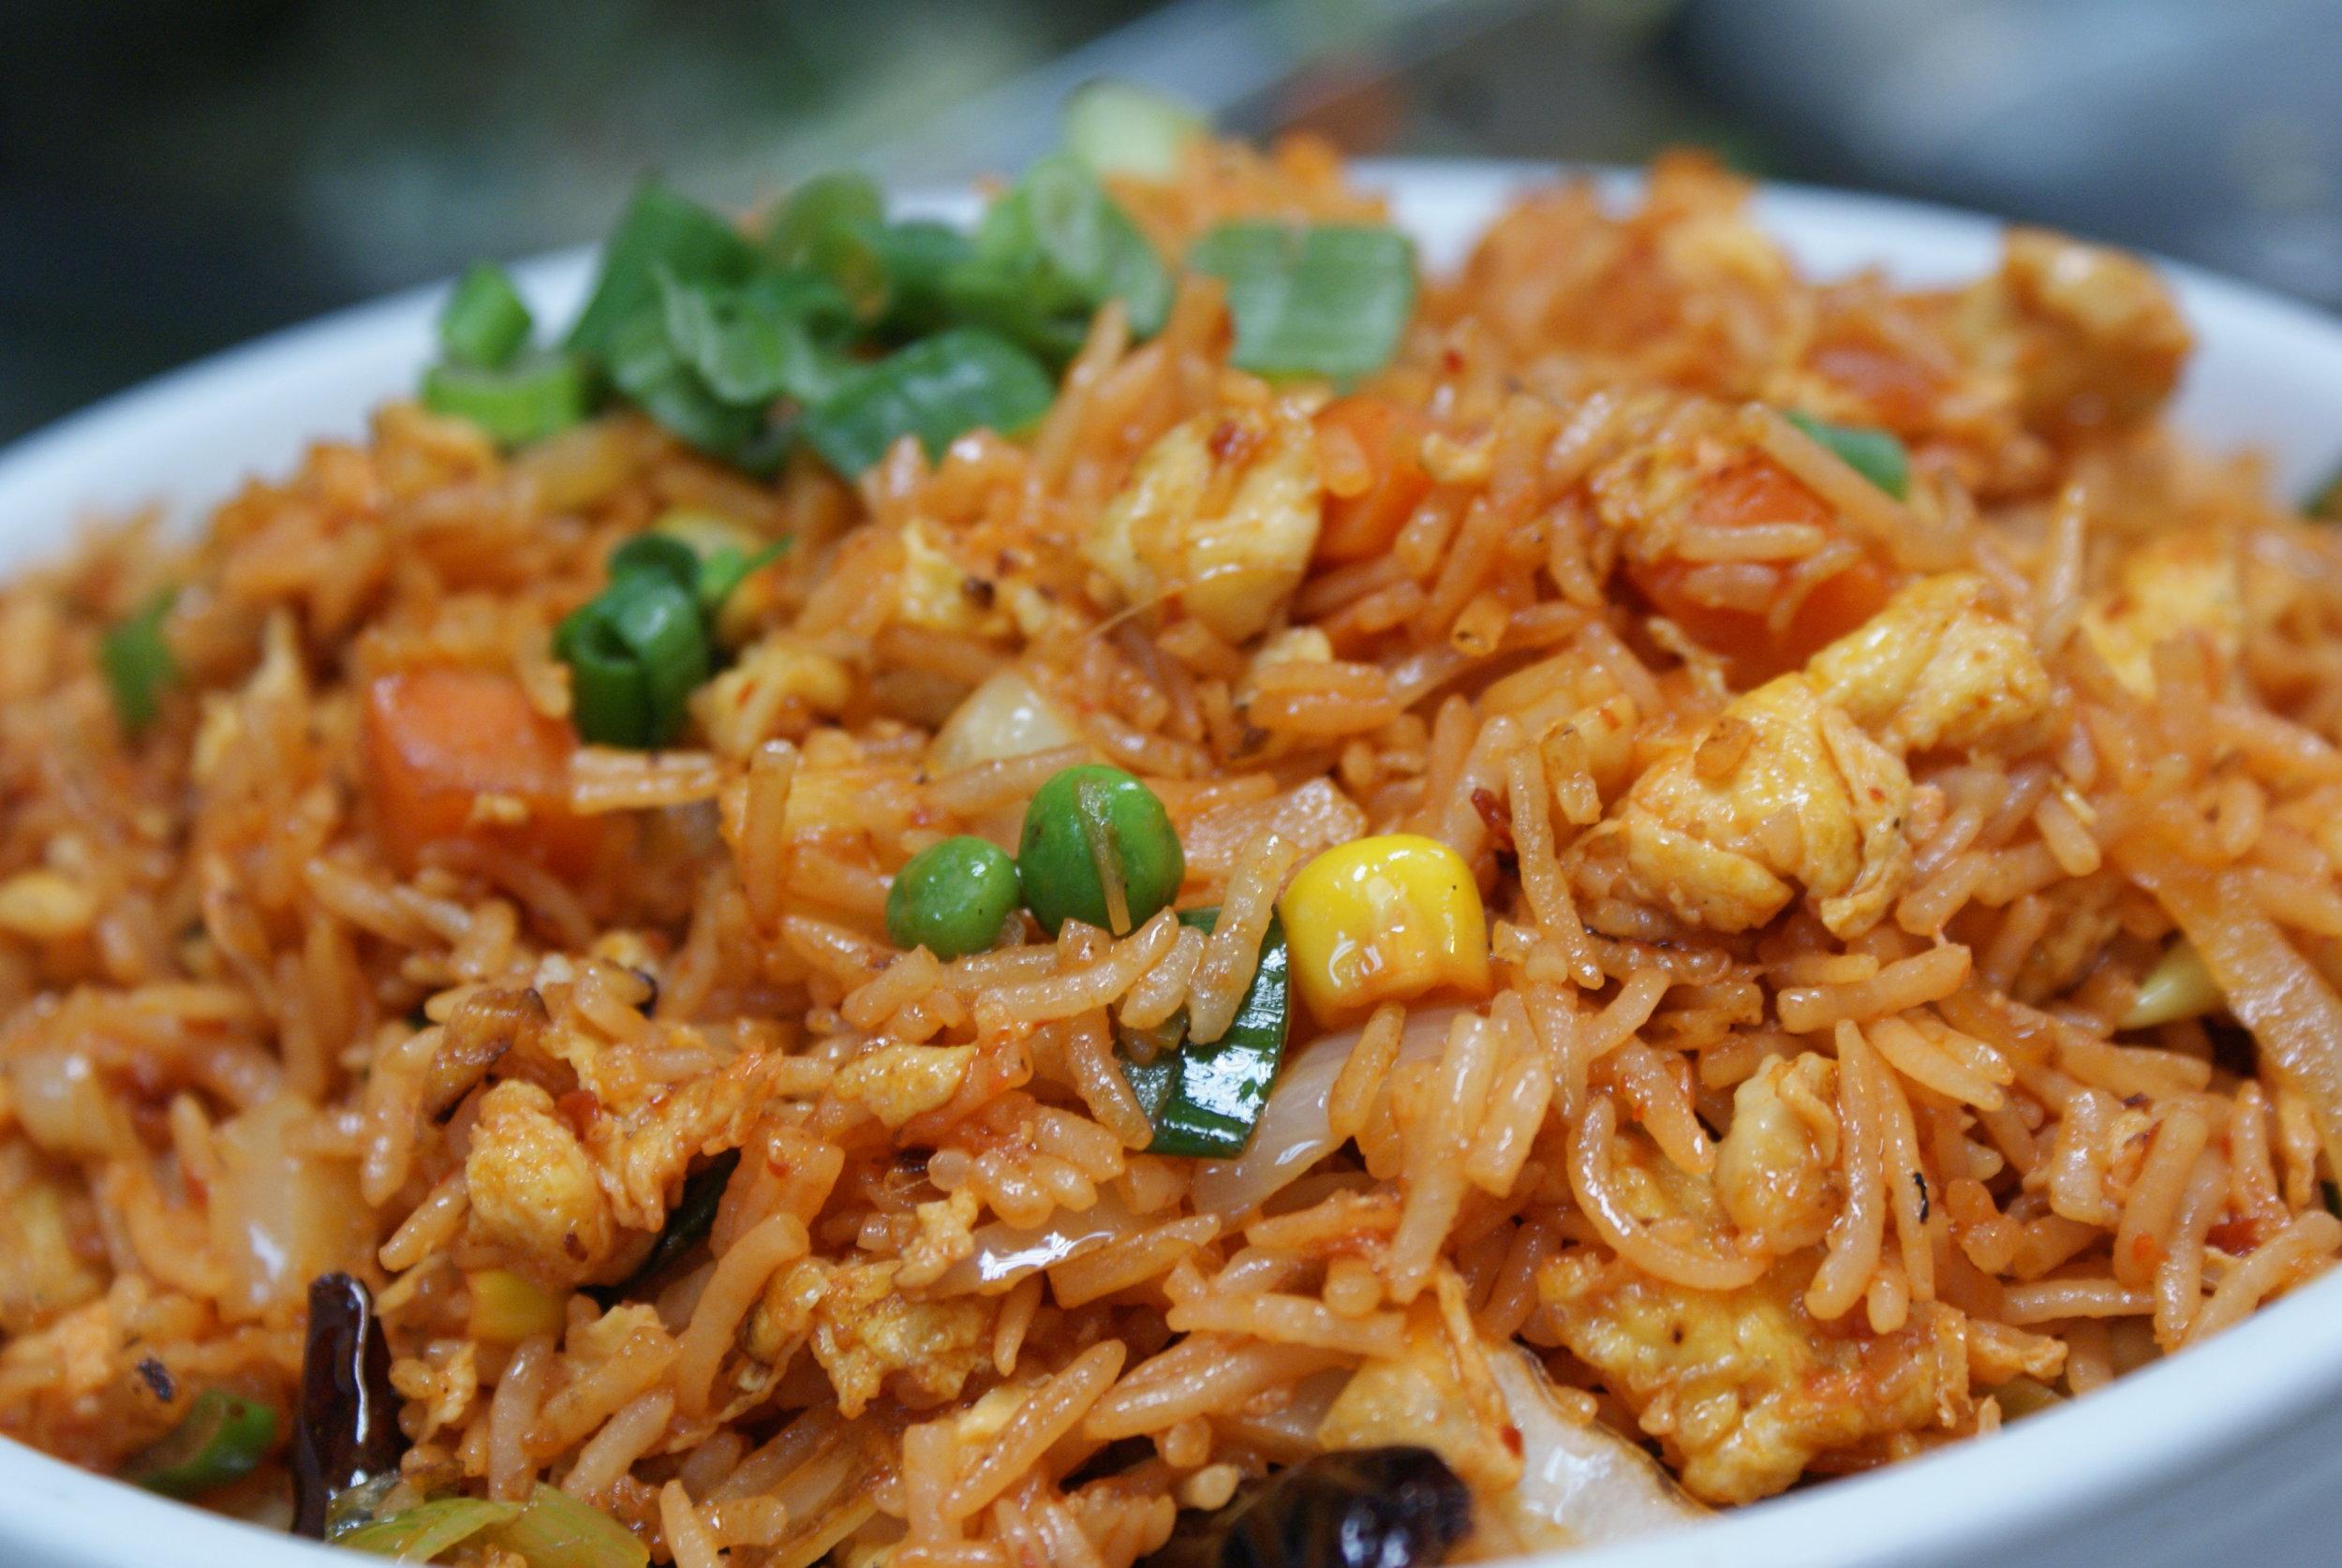 Chili garlic rice.JPG